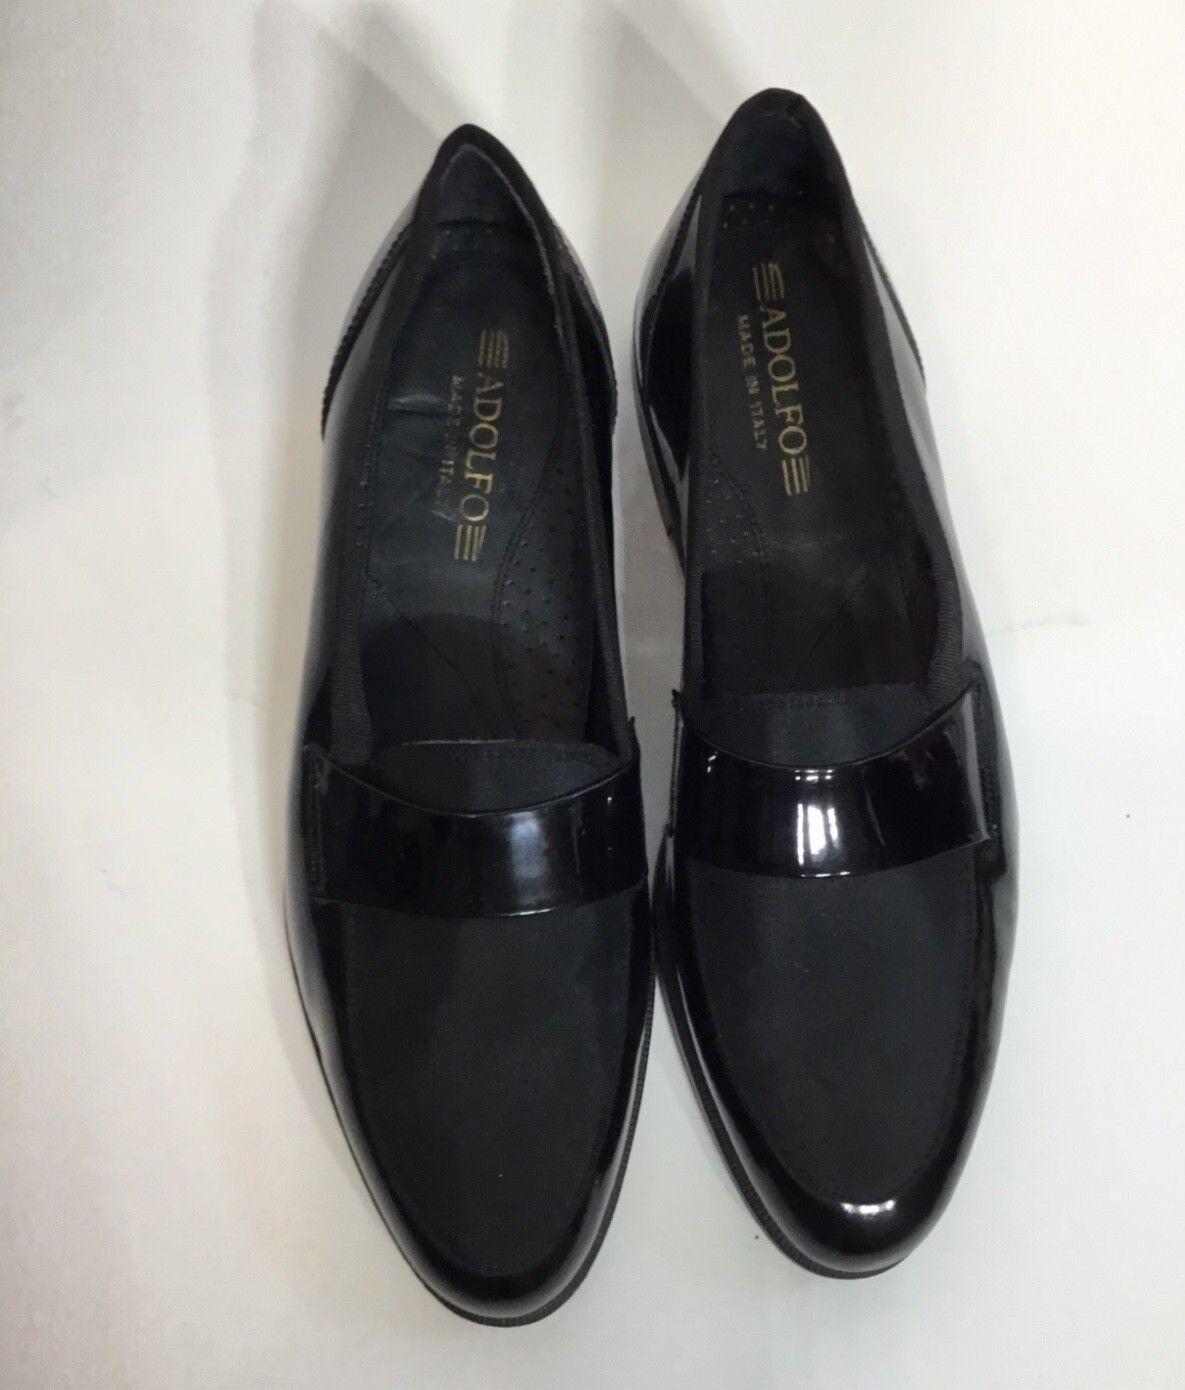 vendita online Uomo Uomo Uomo Aldofo Patent Leather nero Dress Tuxedo scarpe Dimensione 9 1 2  consegna e reso gratuiti